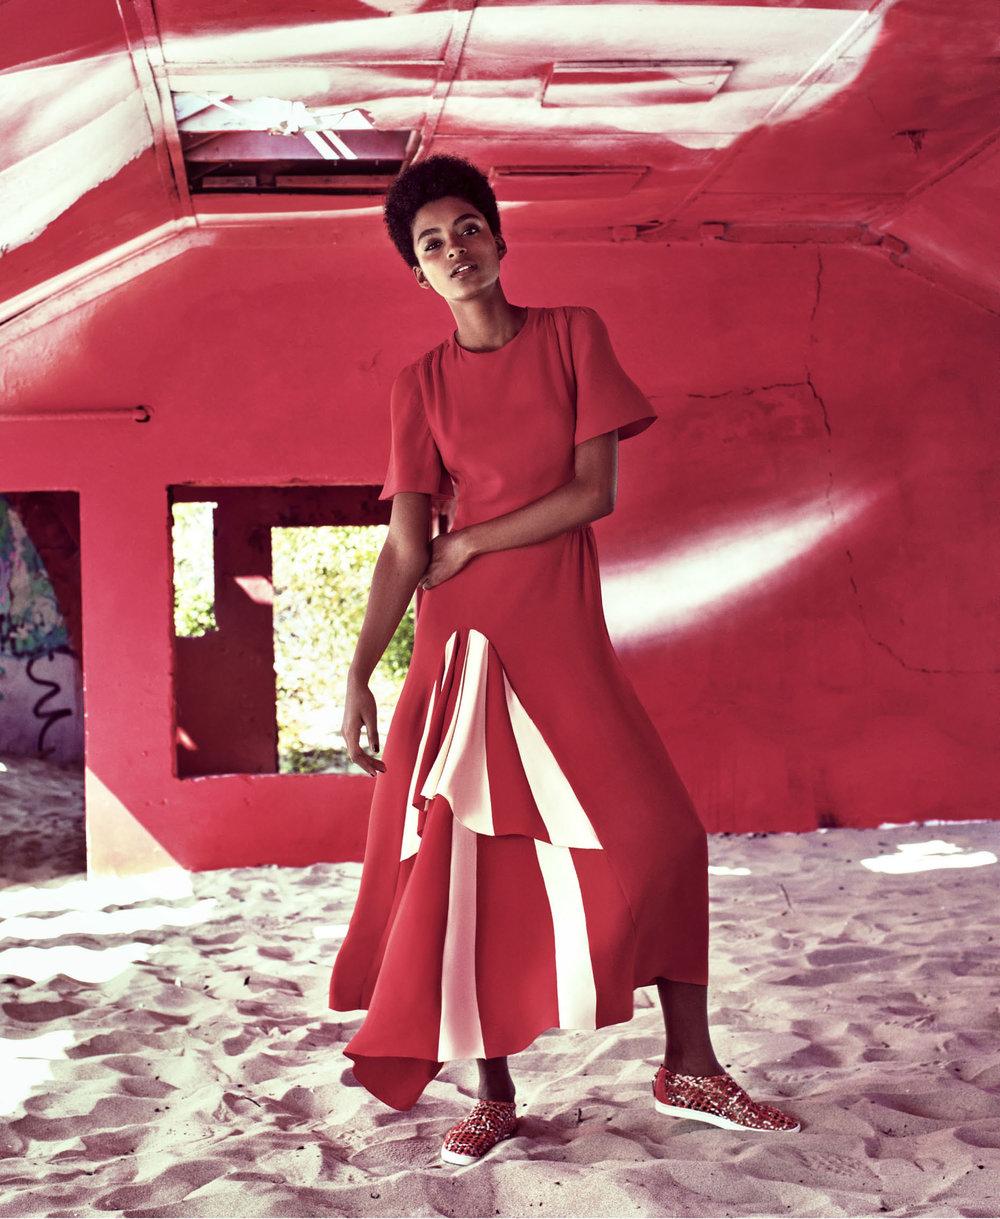 Harpers-Bazaar-US-November-2016-Alecia-Morais-by-Victor-Demarchelier-04.jpg